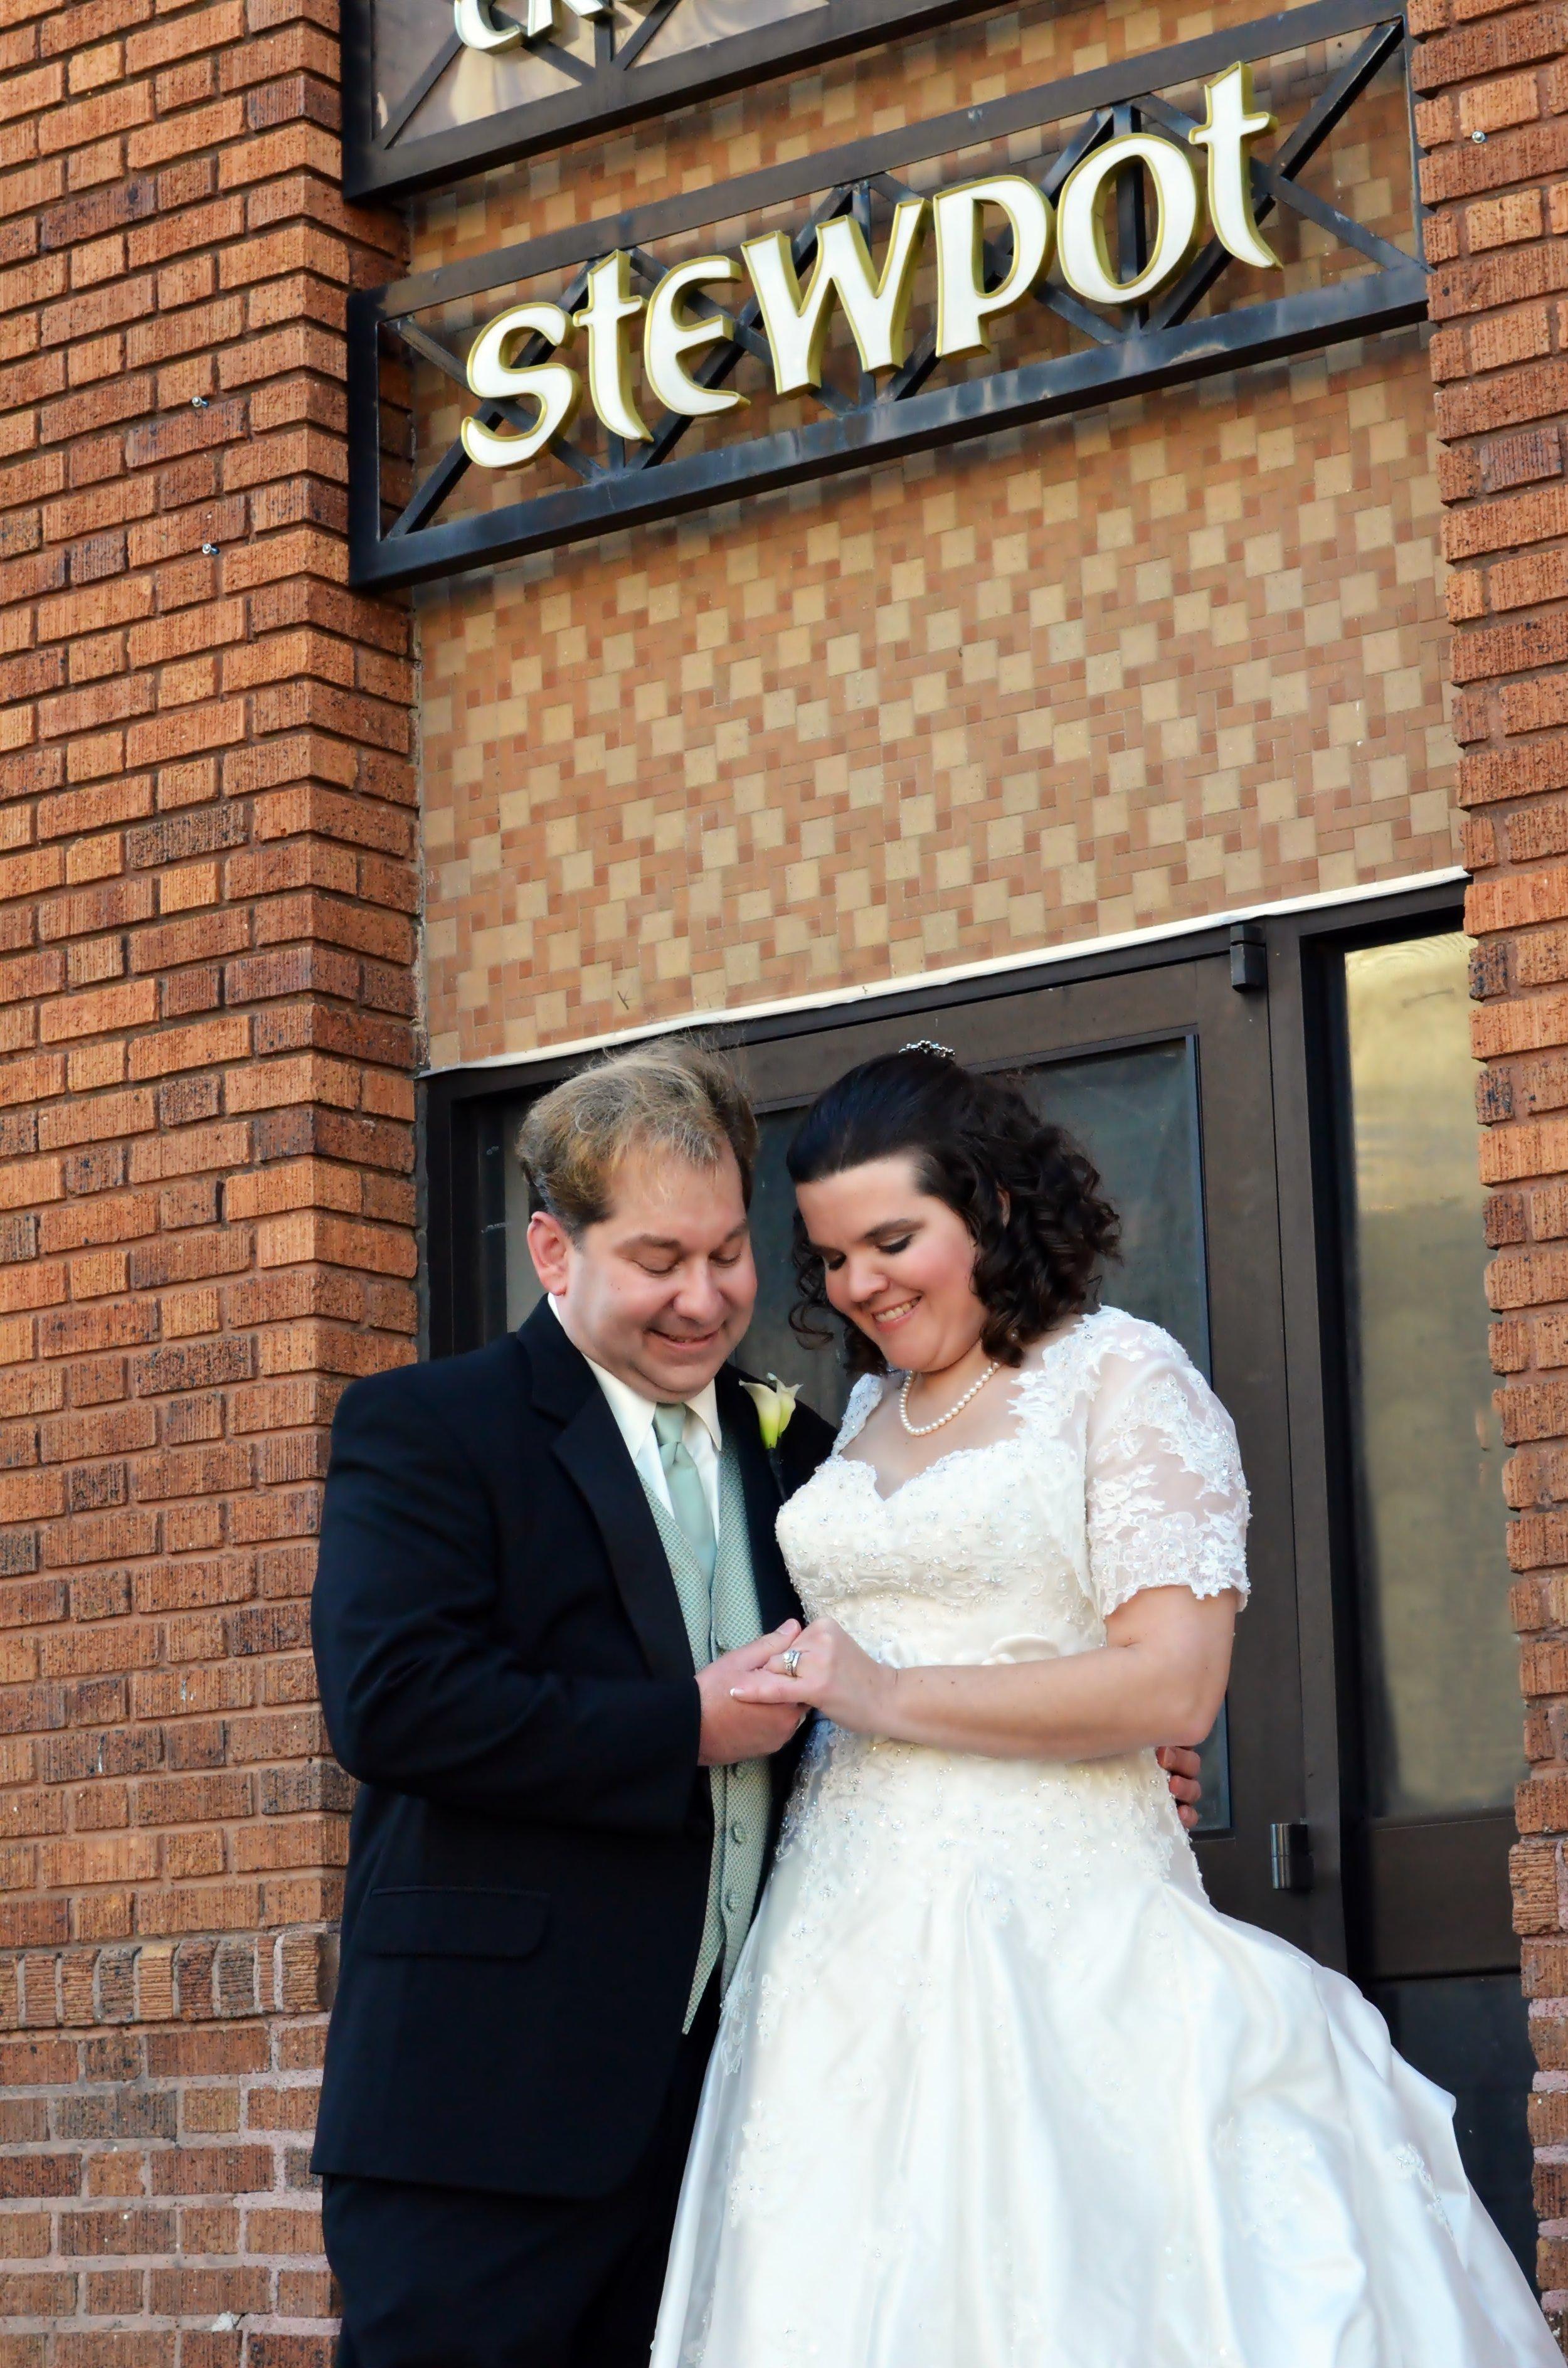 Scott & Suzanne on their wedding day